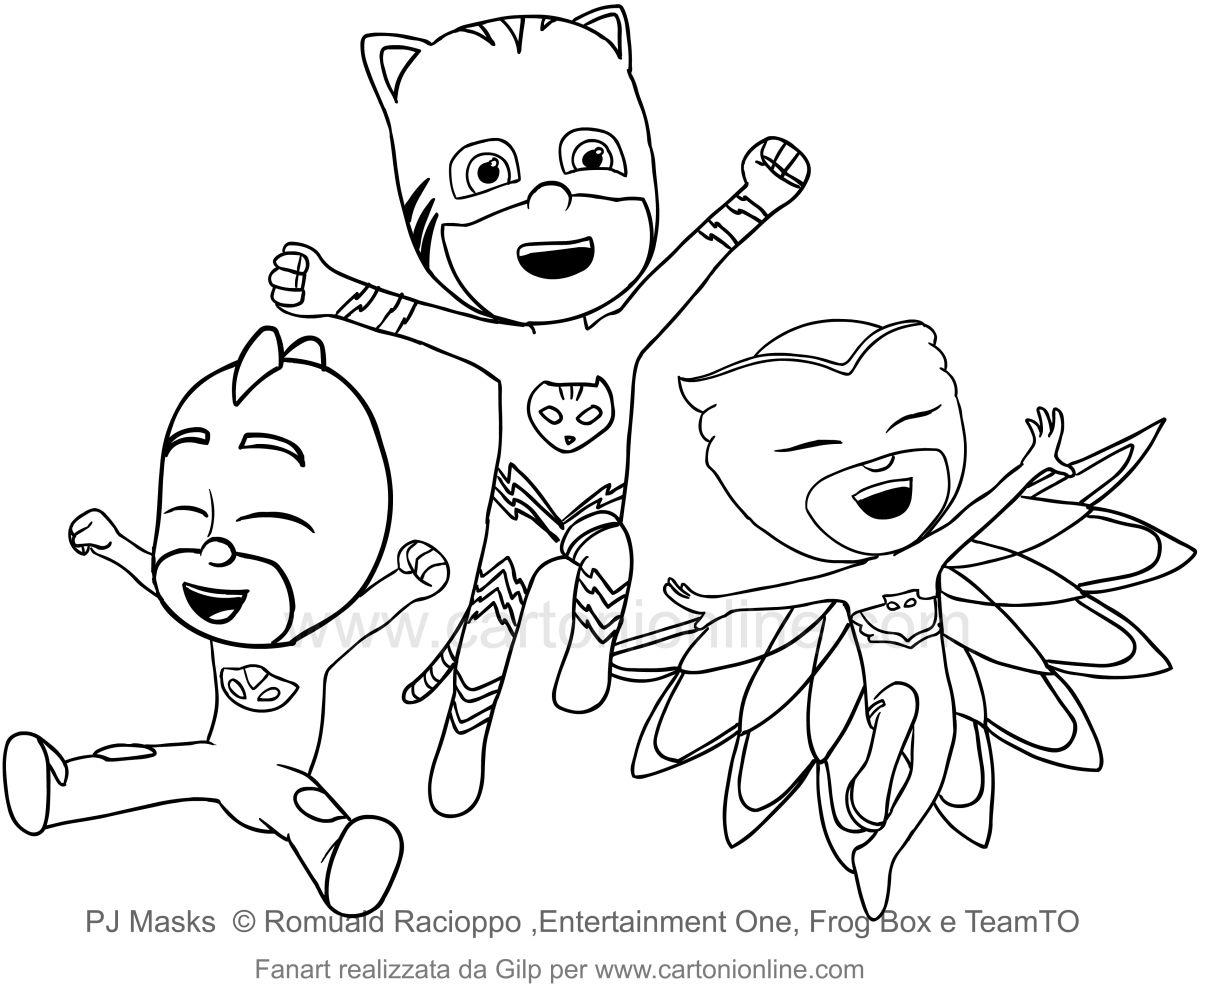 Disegno Dei Pj Masks Superpigiamini Da Stampare E Colorare